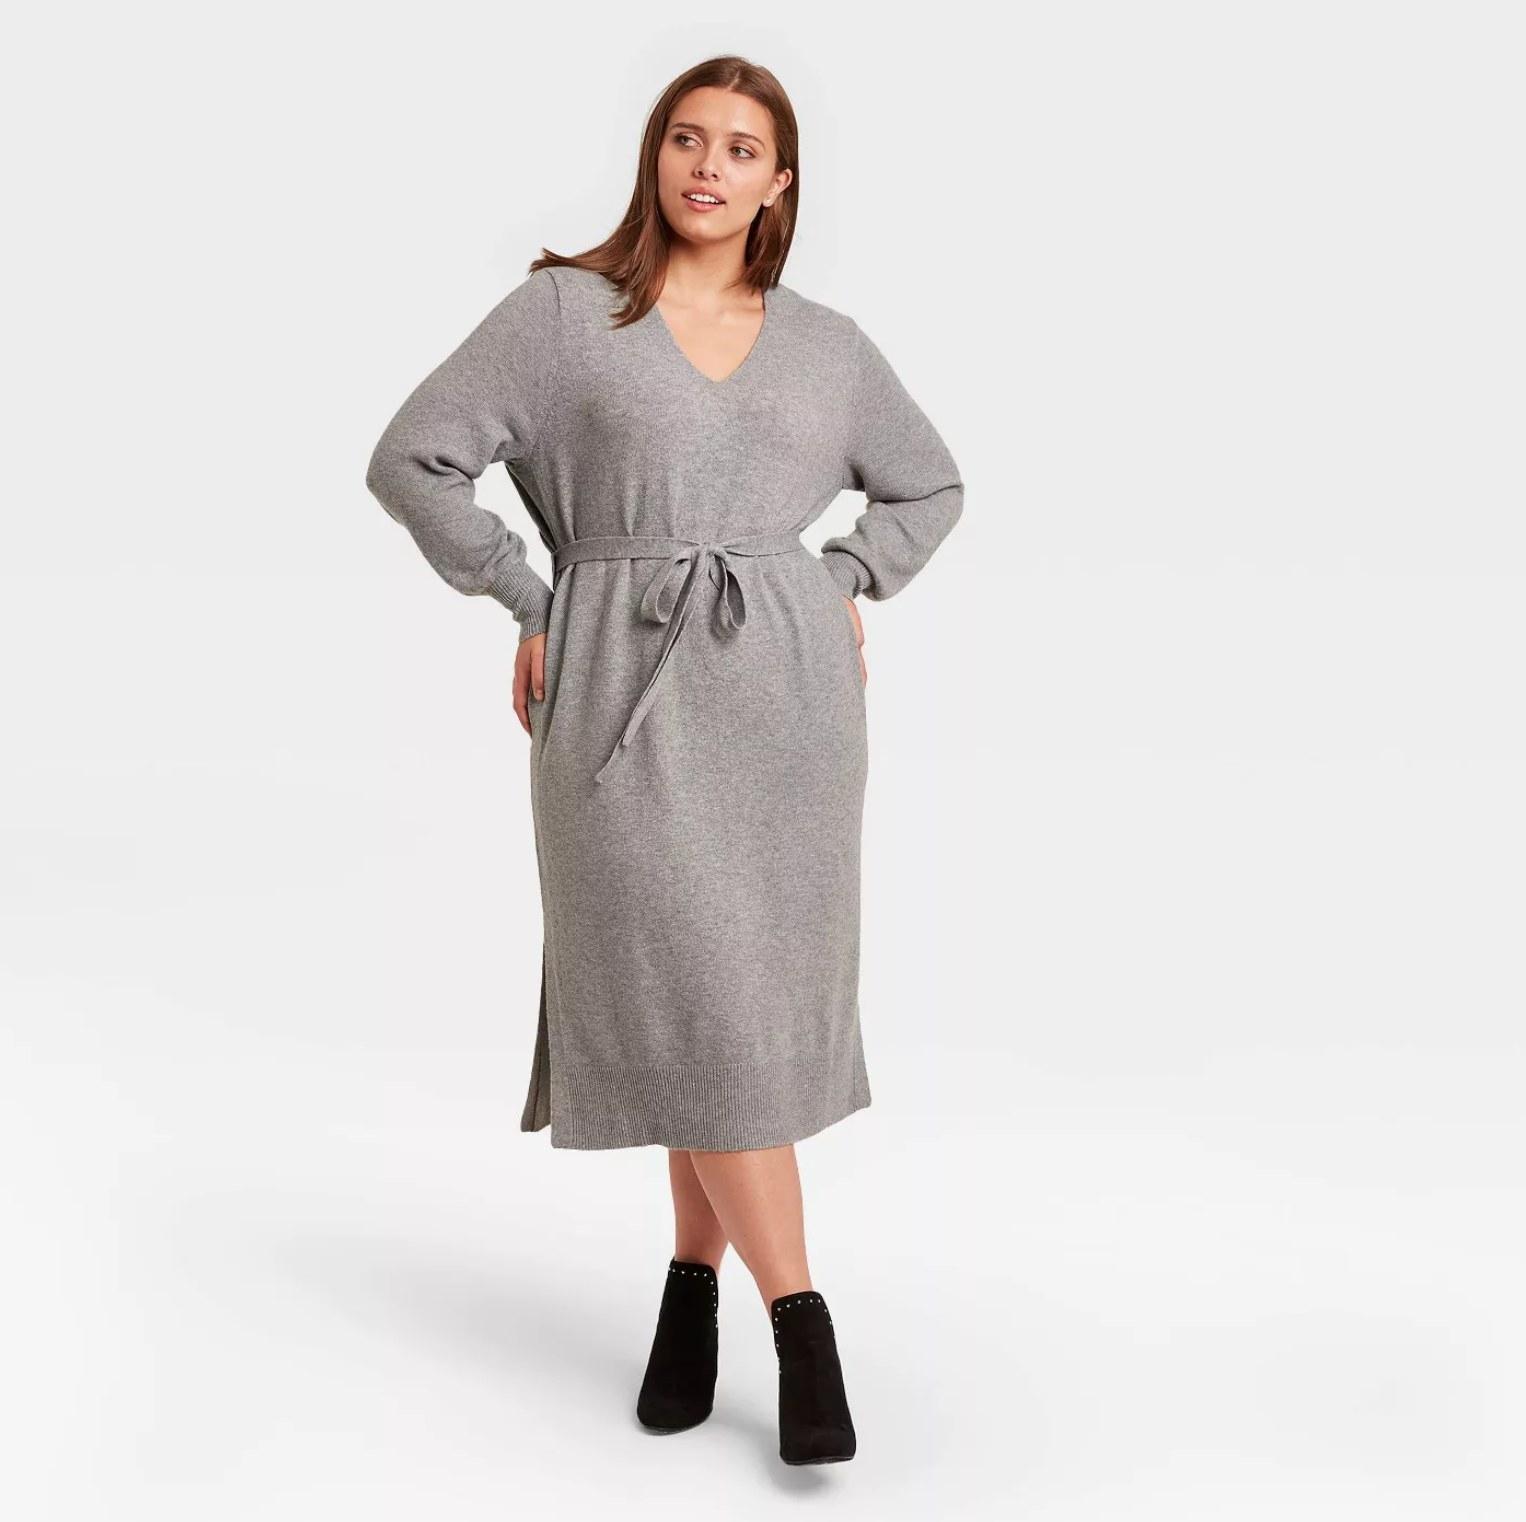 Model wearing the dress in grey